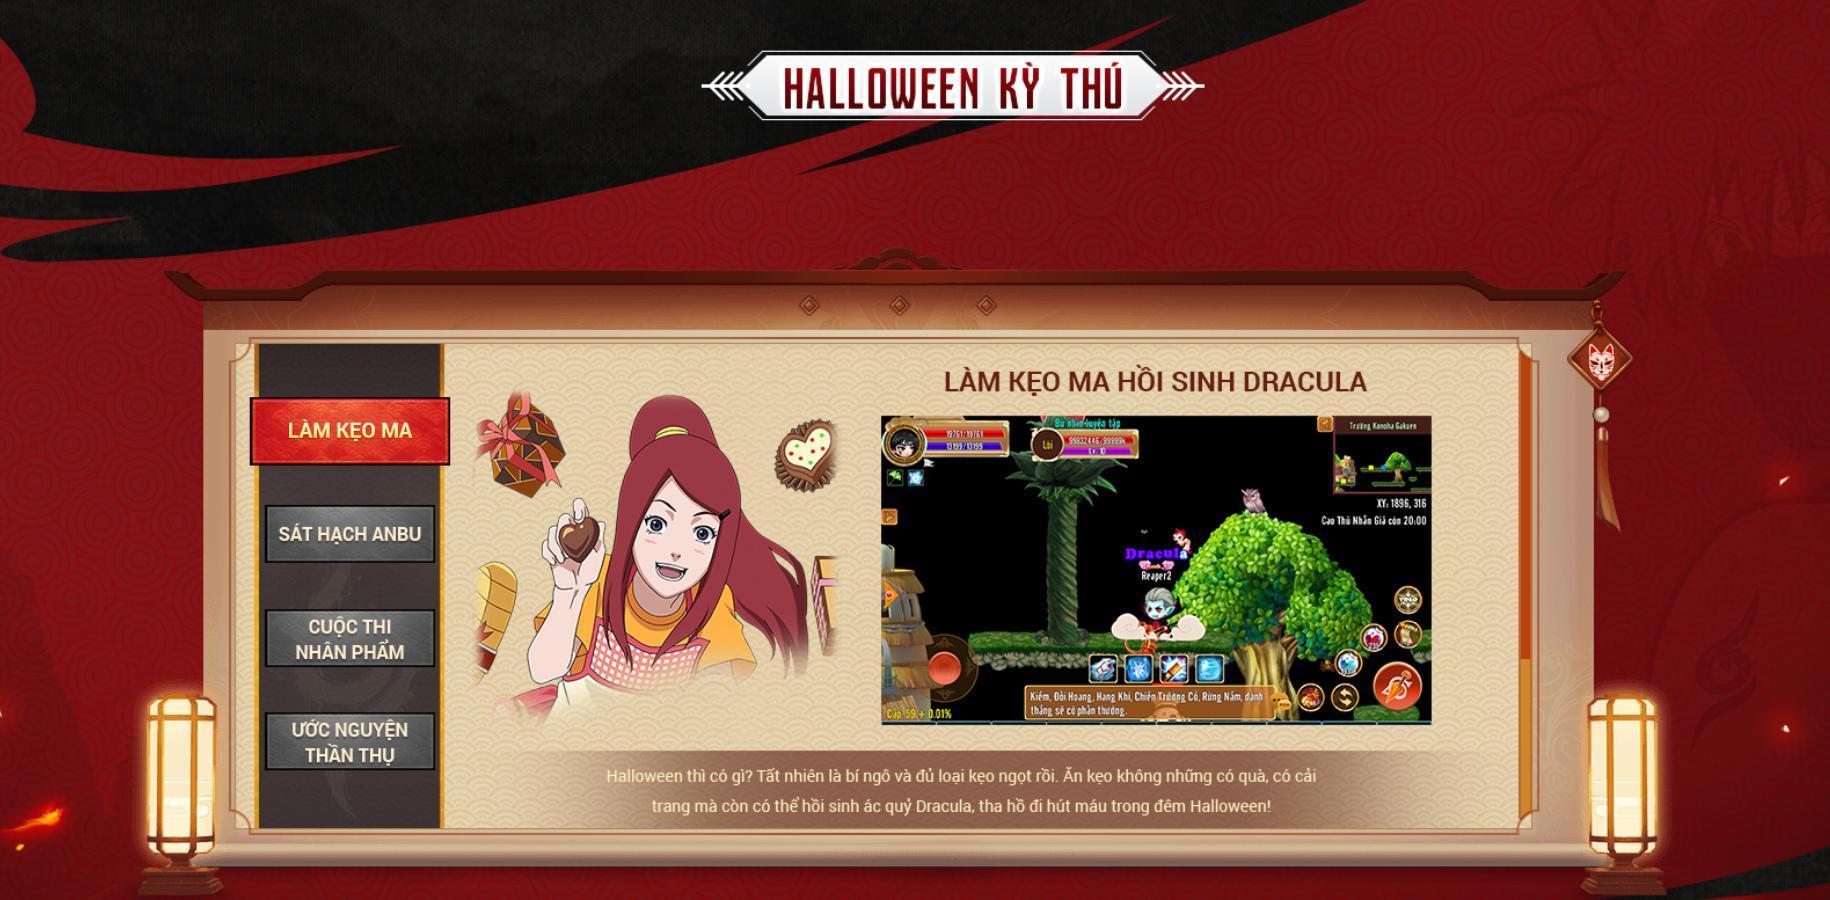 big-update-season-hoa-giai-huyet-thu-halloween-ky-thu